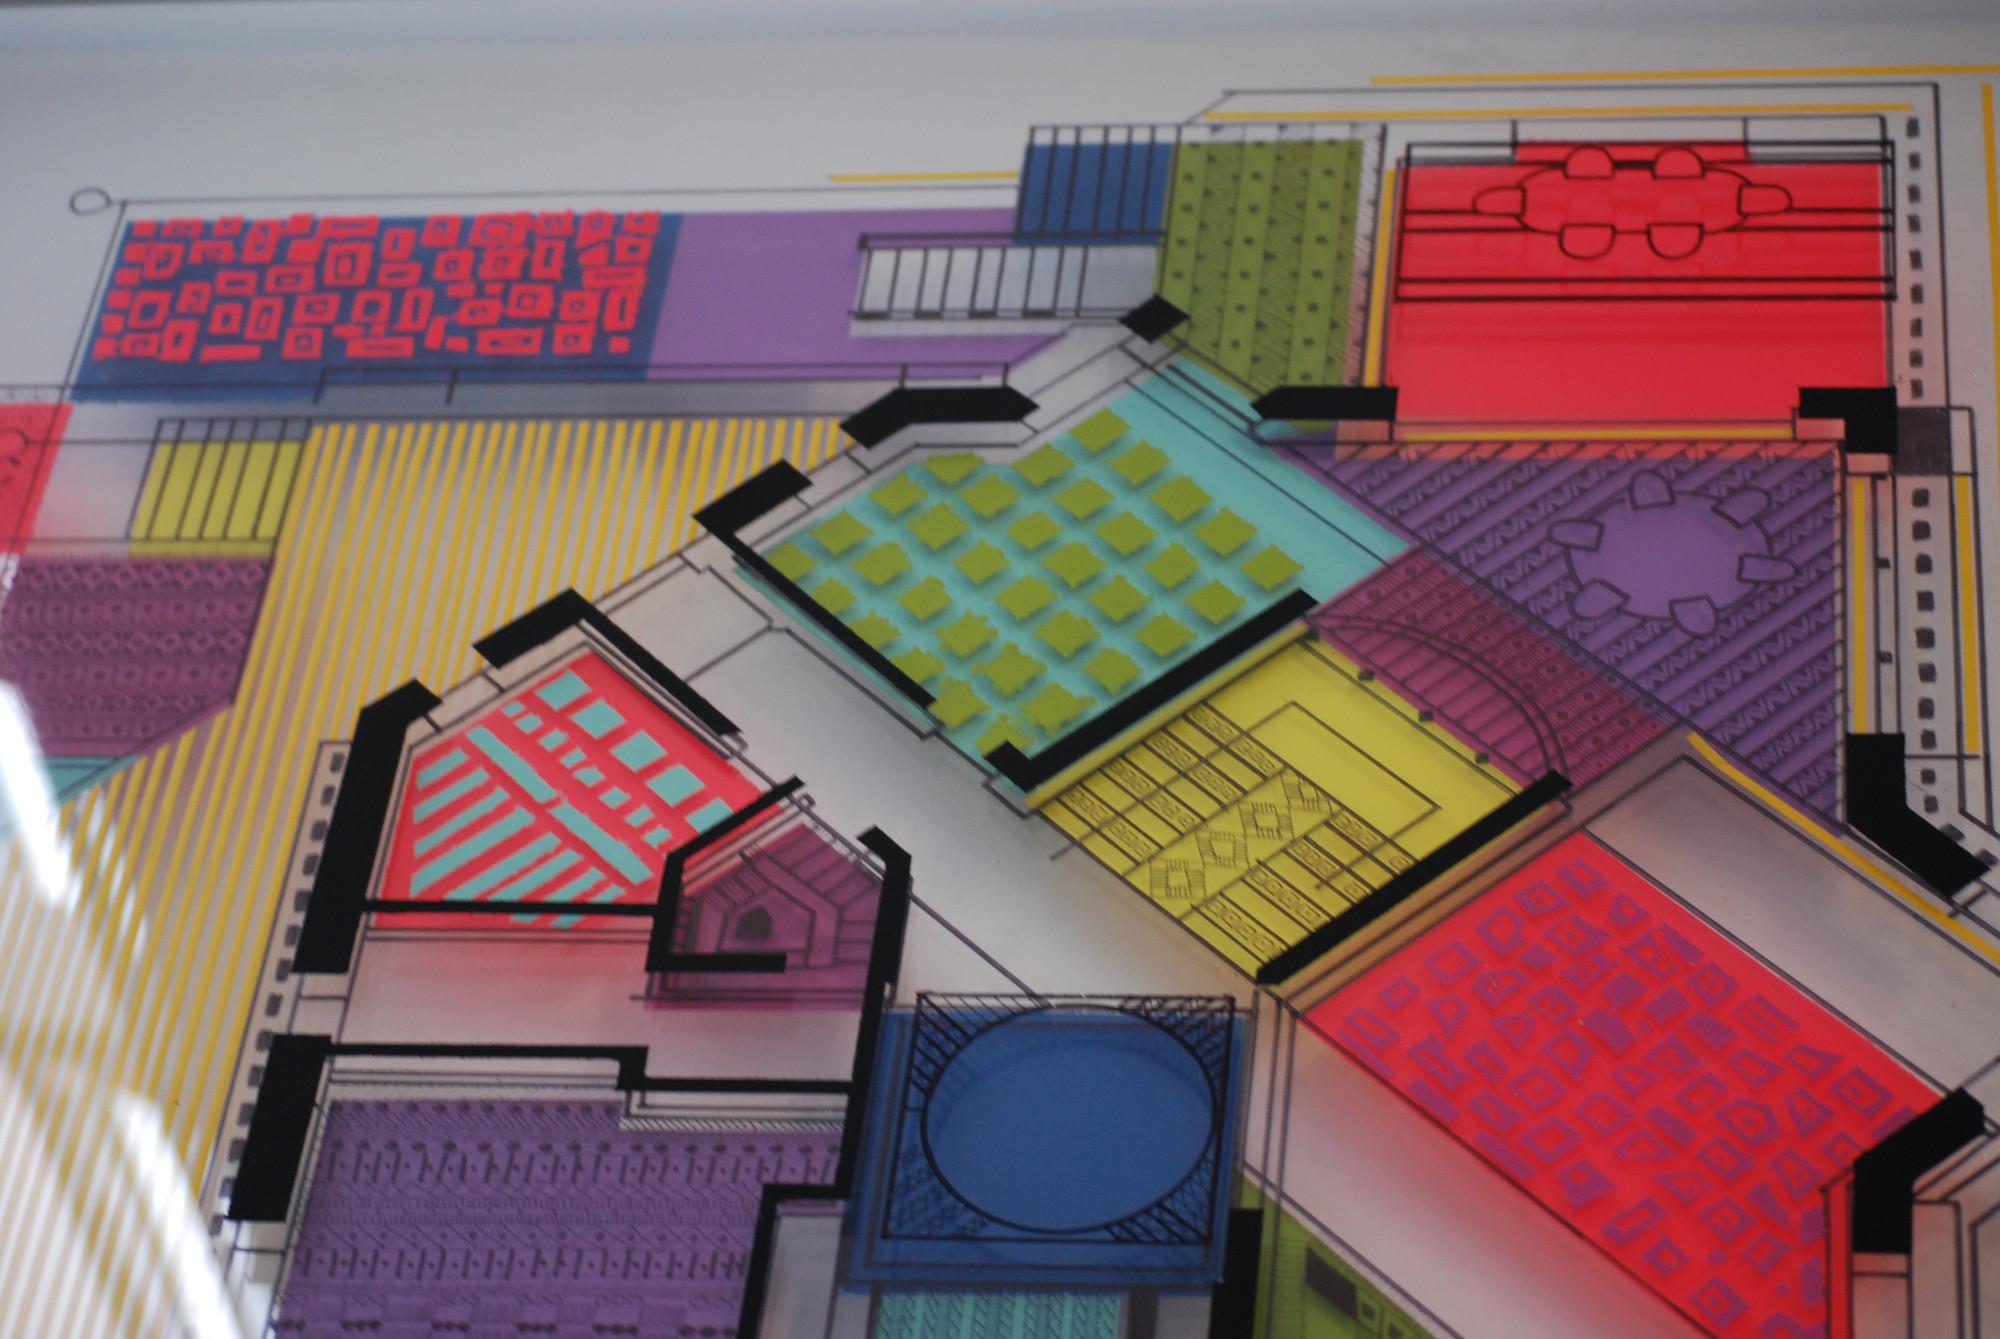 Arte y arquitectura reinterpretaci n de planos for Libros de planos arquitectonicos